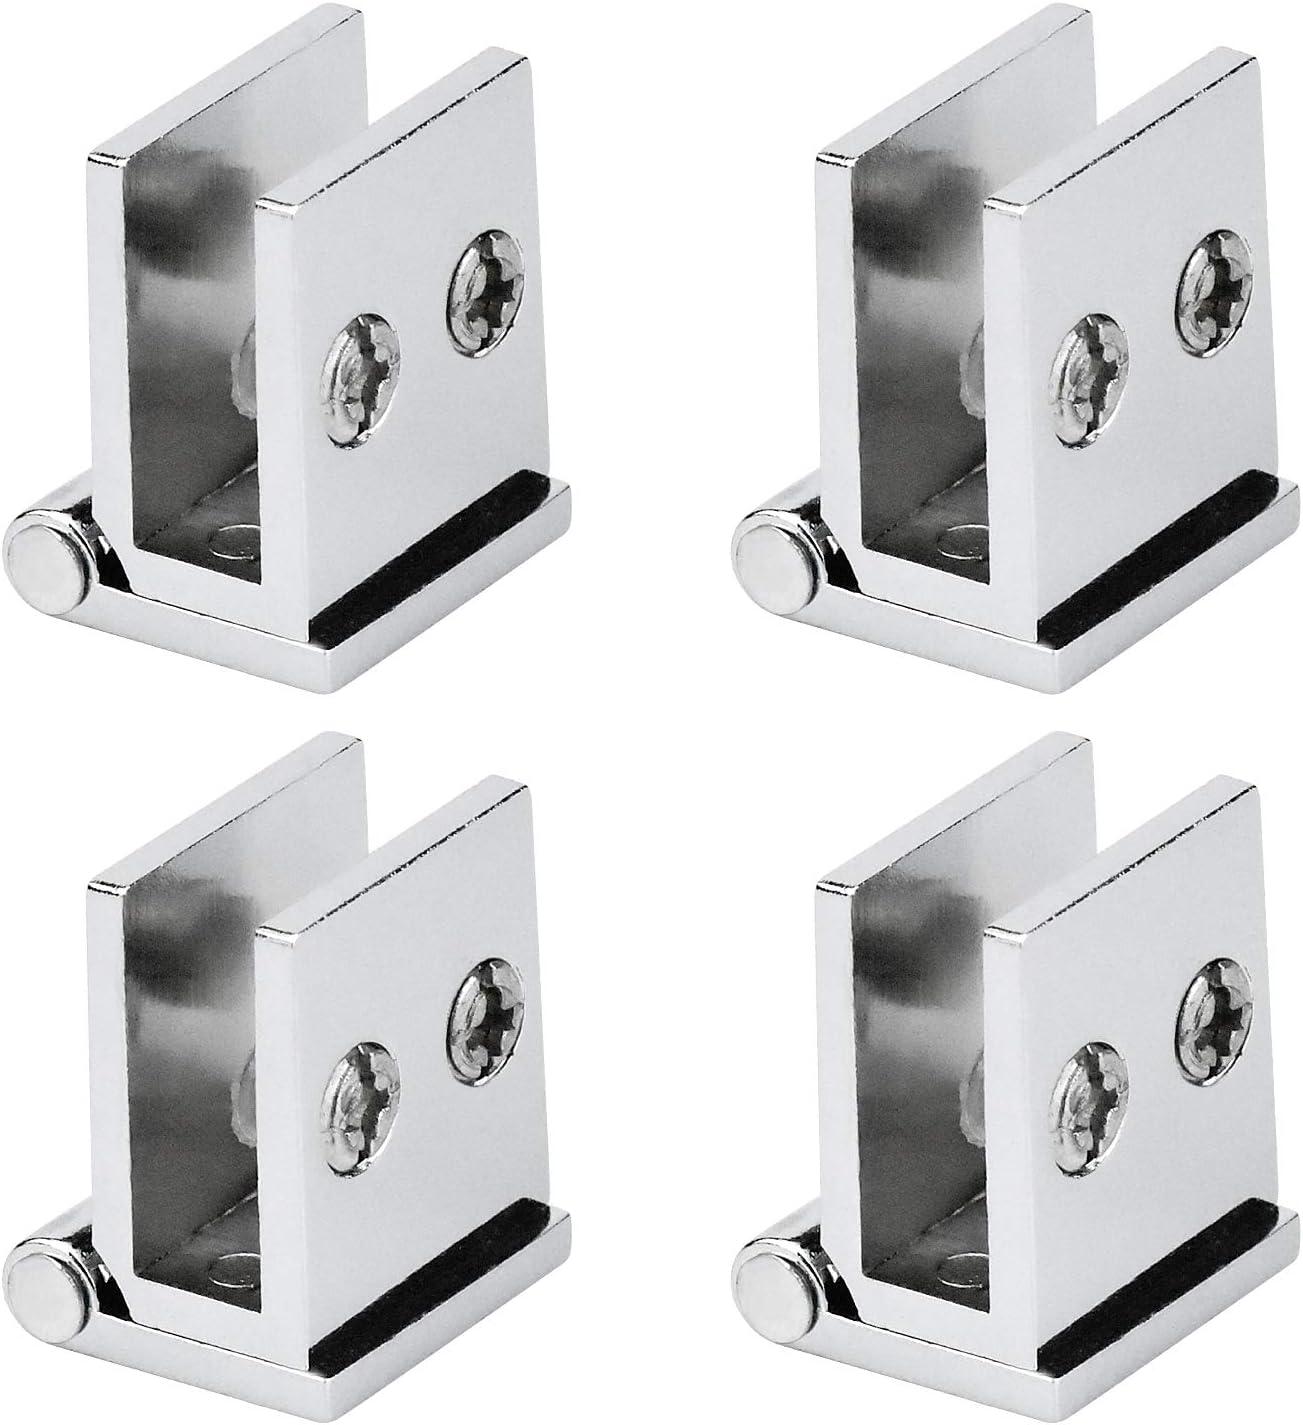 WEKON 4pcs Bisagra de Vídrio, Abrazadera de Puerta Cristal, Bisagra para Puerta Cristal Apto para Vidrio de 5-8MM Aleación de Zinc para Mueble Gabinete Vitrina Abertura 0 Grado